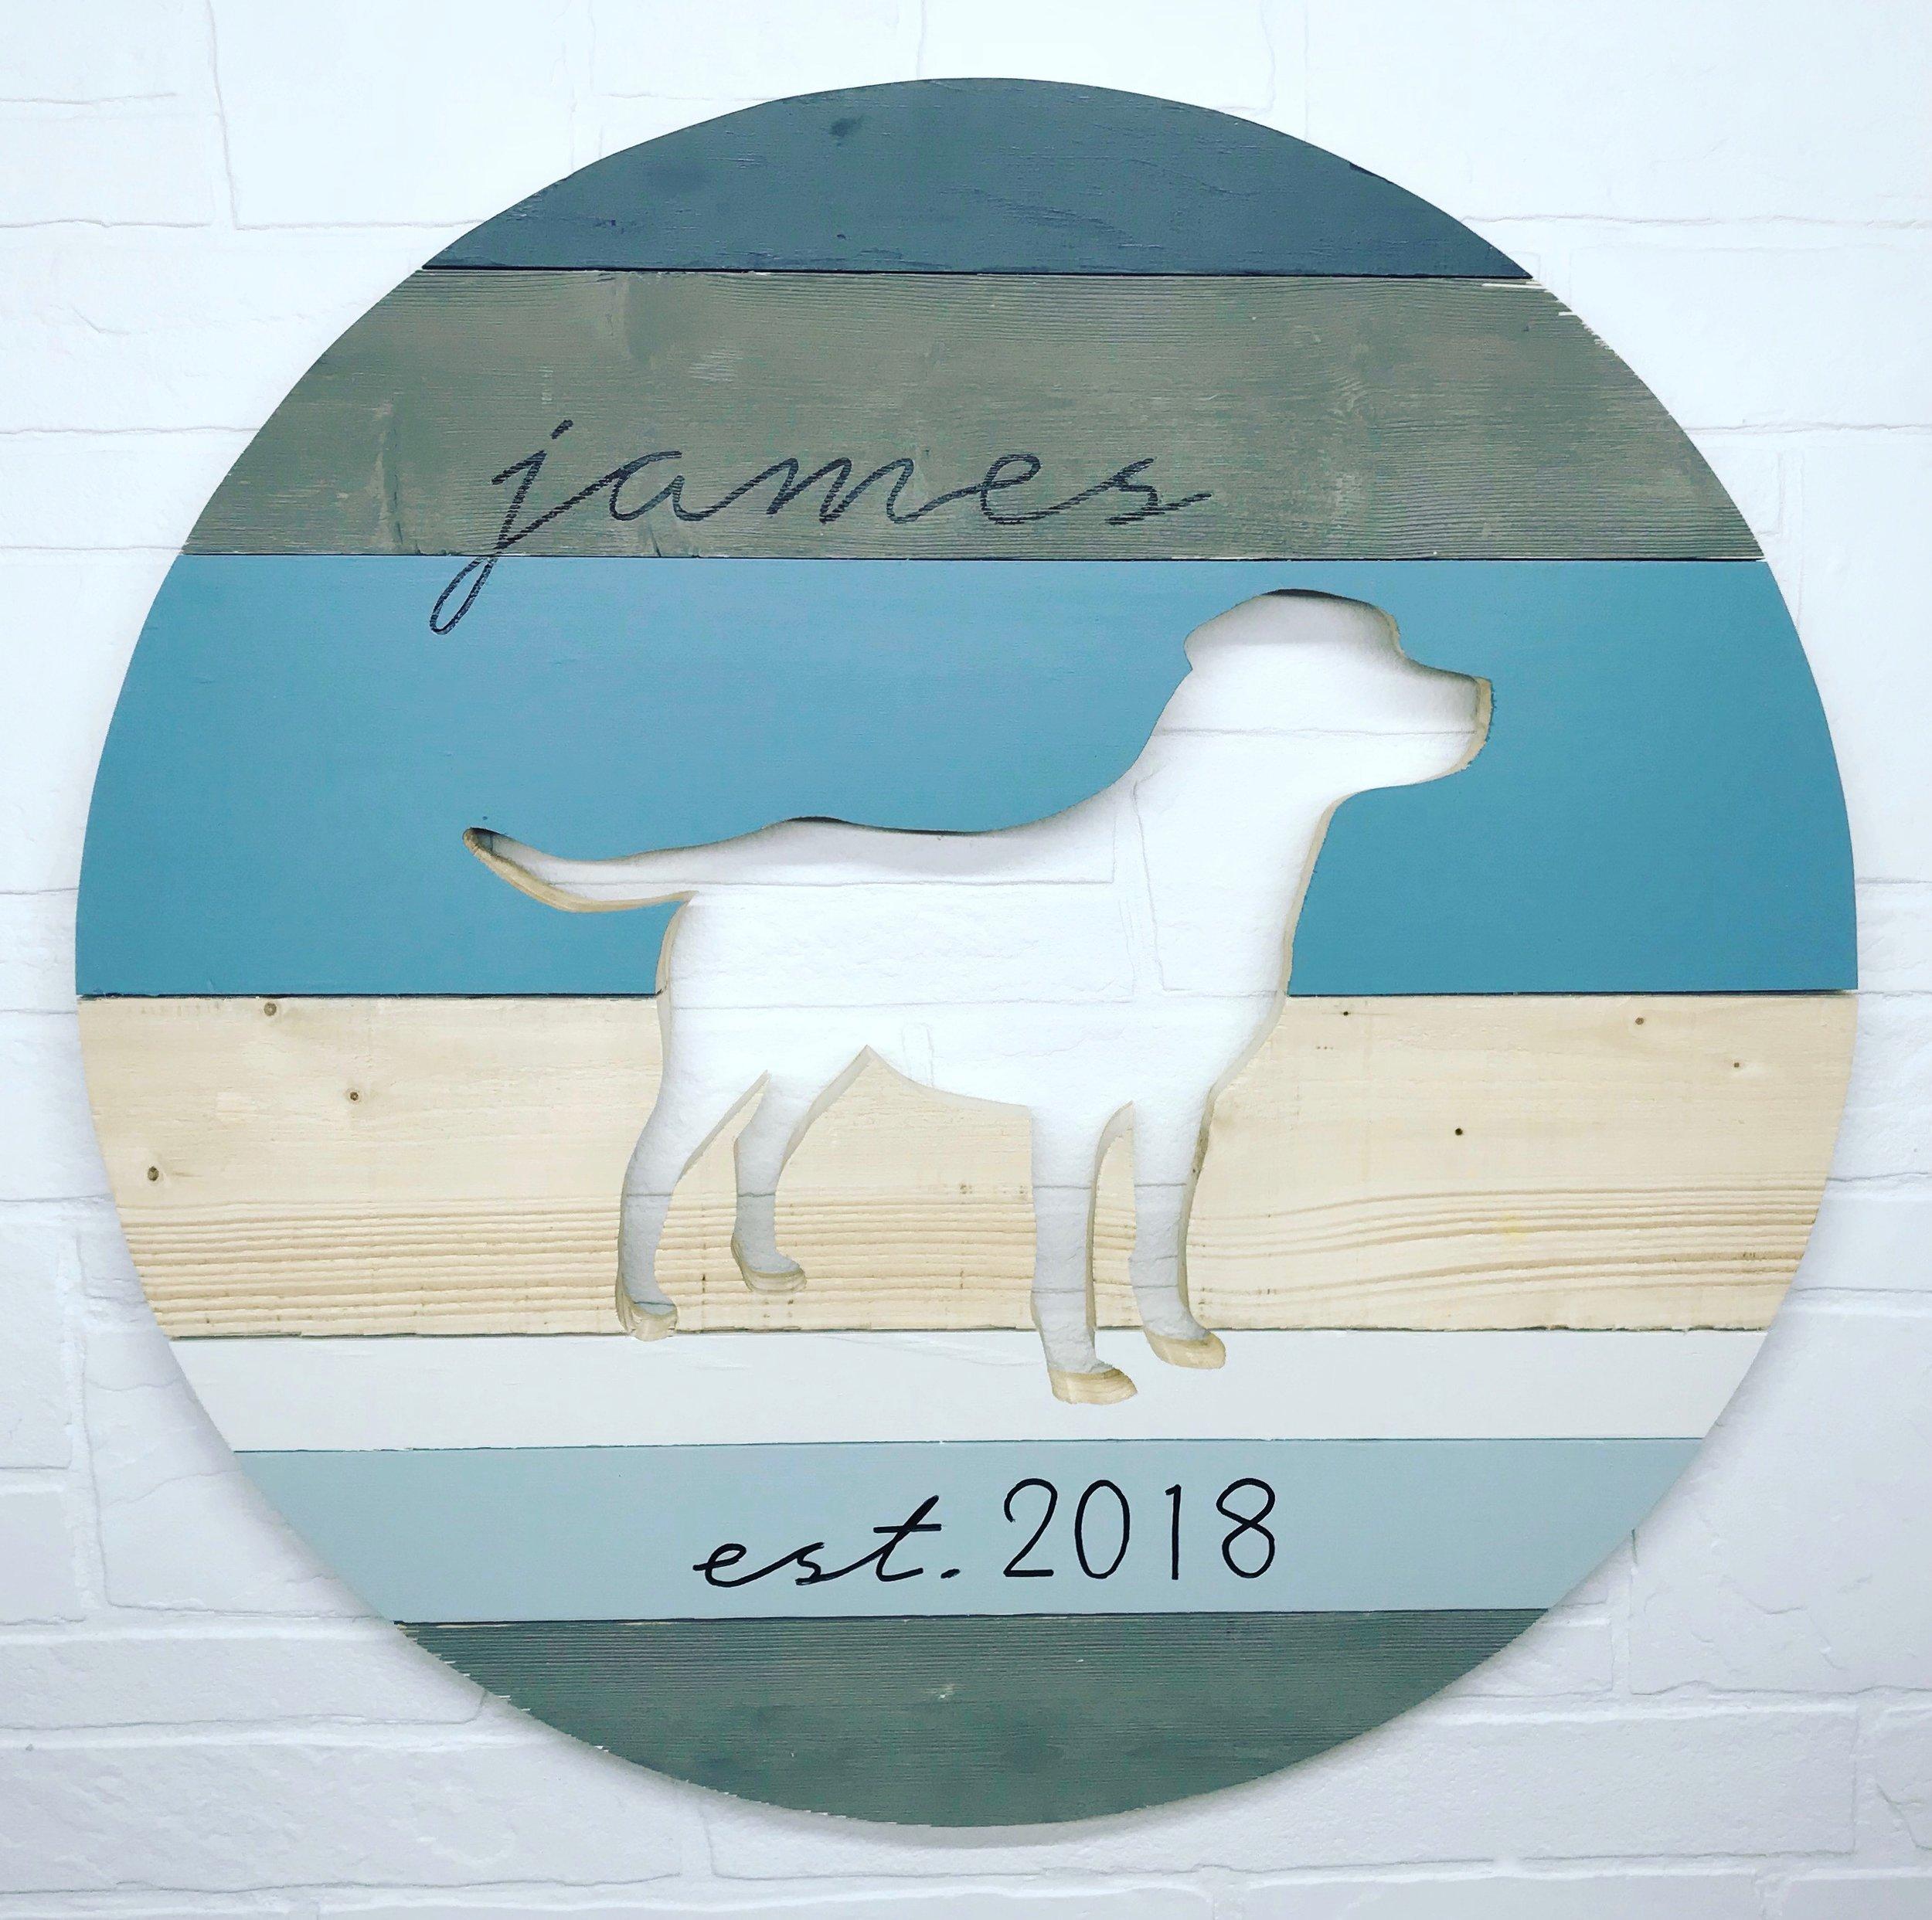 000570 Driftwood Magill Labrador Retriever James Est. 2018.jpg